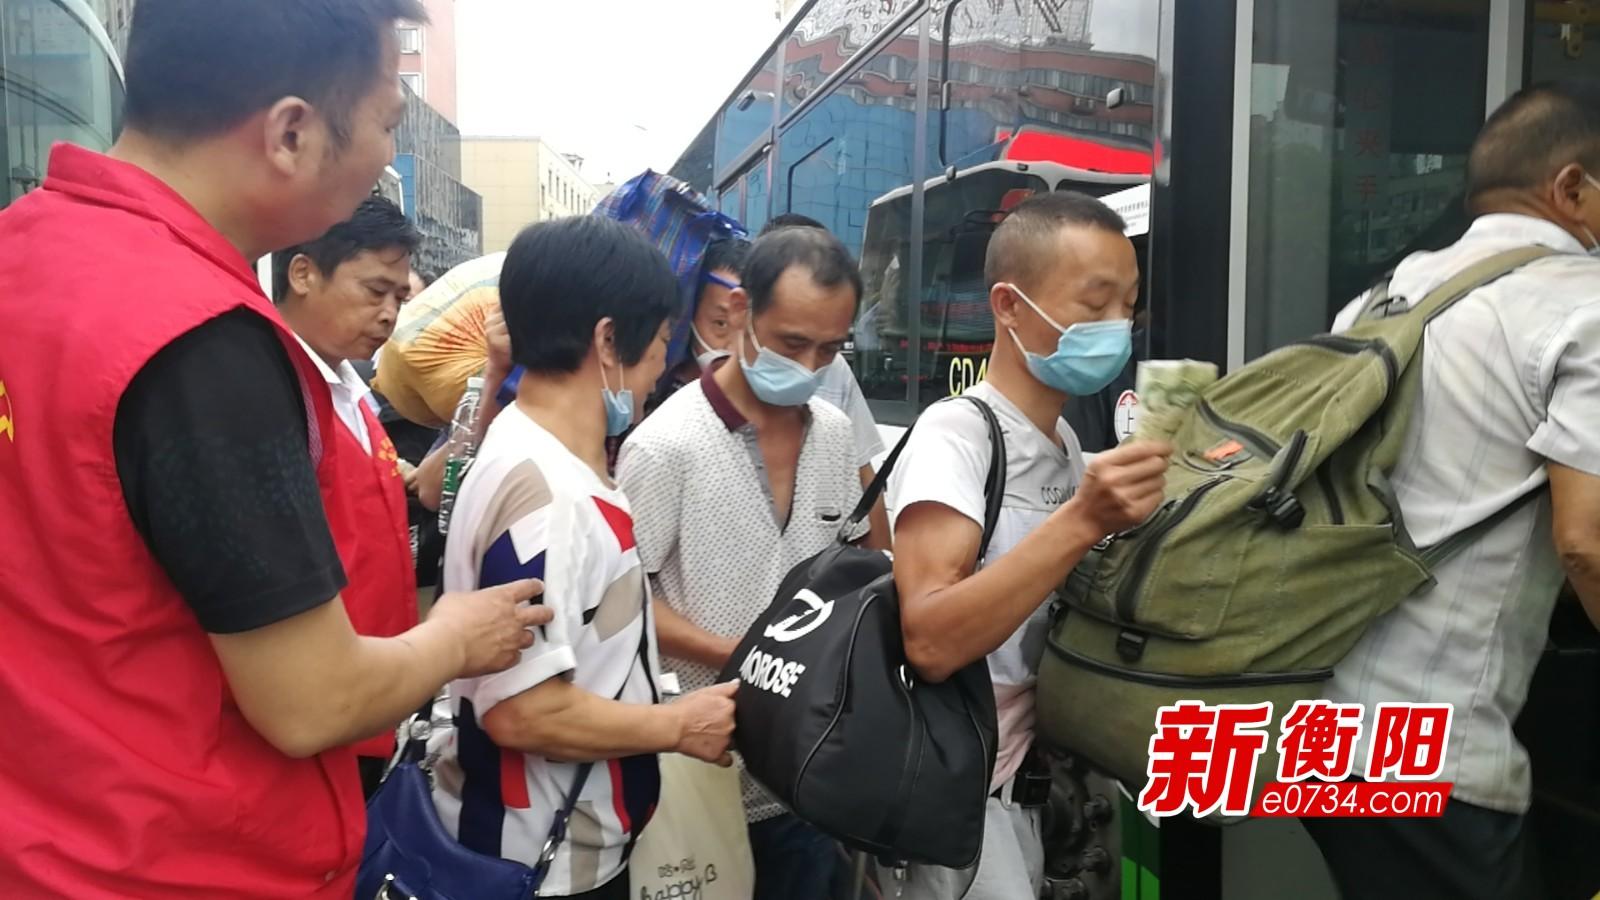 公交集团调派34台公交车 全力运送3000余名滞留乘客